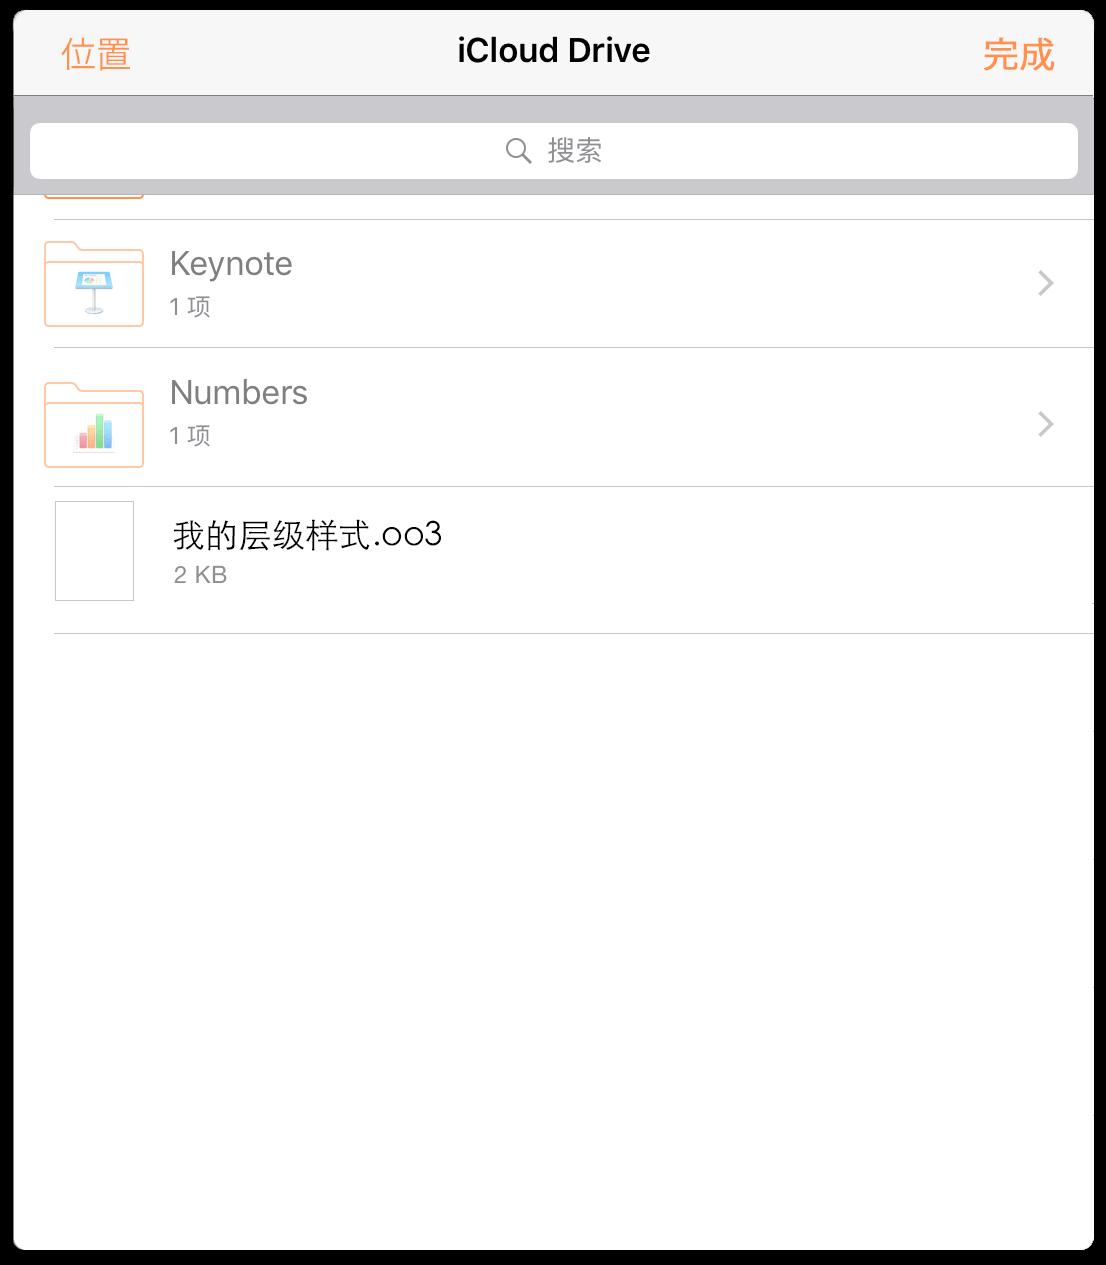 轻按加号/添加按钮可打开让您访问云中存储的文件的窗口。